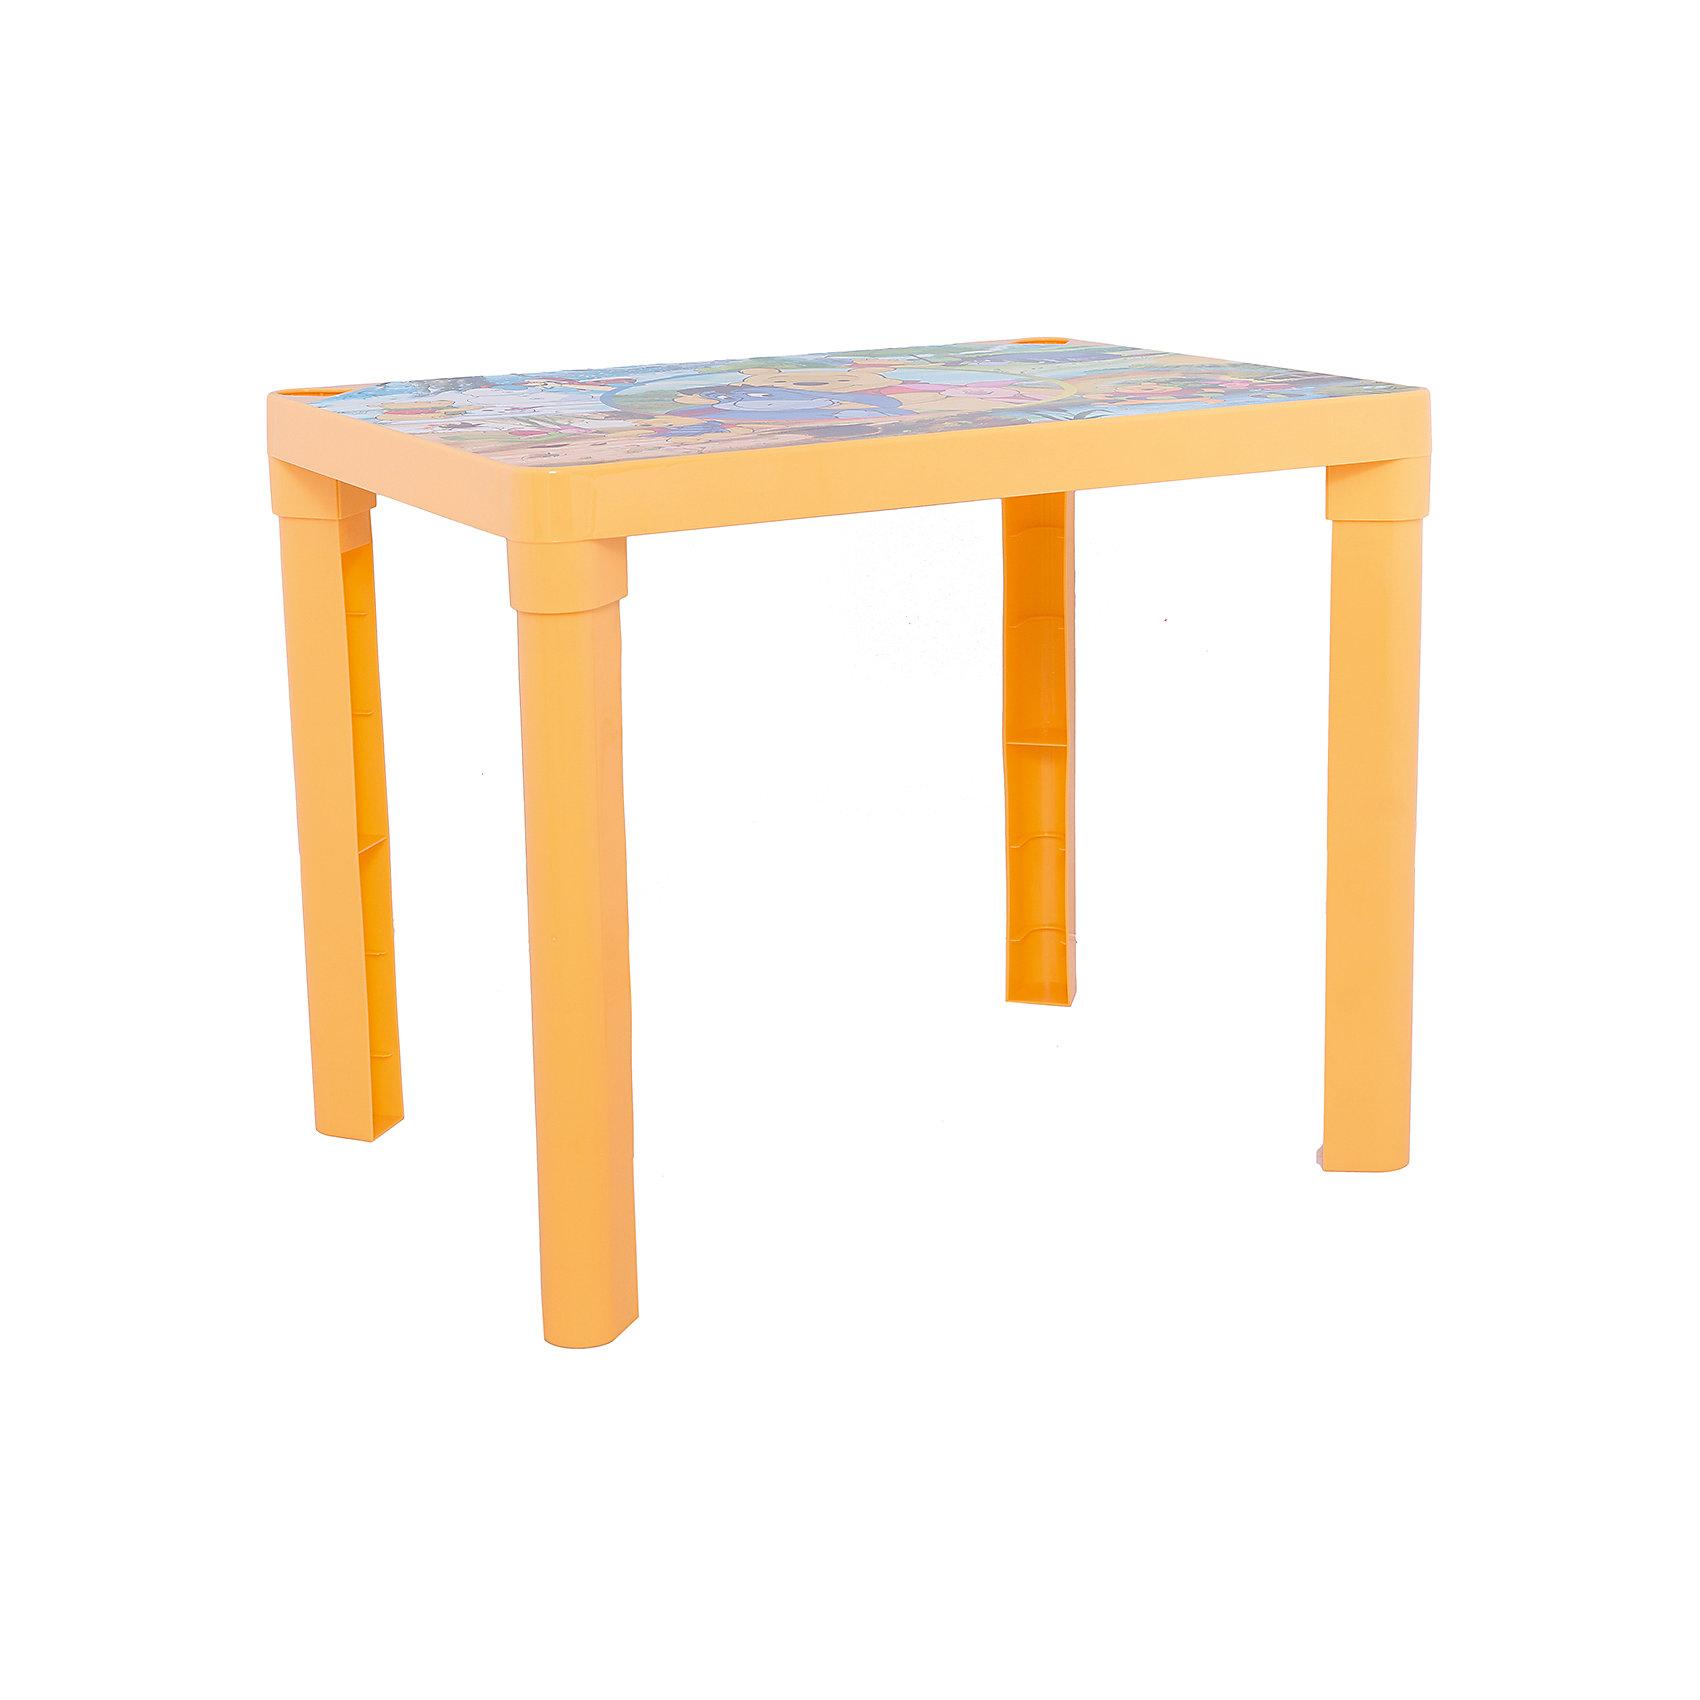 Желтый стол Винни ПухКрасочный стол непременно станет неотъемлемым атрибутом в комнате вашего ребенка. Теперь у малыша будет отдельный столик, который идеально подойдет ему по размеру и он сможет приглашать на чаепитие своих друзей, в том числе и плюшевых, а также заниматься творческой работой: рисовать, лепить, раскрашивать и так далее. Благодаря специальным выемкам, на столе можно расположить карандаши, фломастеры, кисточки и другие мелкие предметы, и они не будут мешаться и скатываться. Так же, такой стол можно использовать загородом.<br><br>Дополнительная информация:<br><br>Материал: пластик.<br>Цвет: желтый.<br>Размеры: 60х45х47 см<br> <br>Детский стол Винни в желтом цвете, можно купить в нашем магазине.<br><br>Ширина мм: 600<br>Глубина мм: 450<br>Высота мм: 470<br>Вес г: 1000<br>Возраст от месяцев: 36<br>Возраст до месяцев: 108<br>Пол: Унисекс<br>Возраст: Детский<br>SKU: 4718415